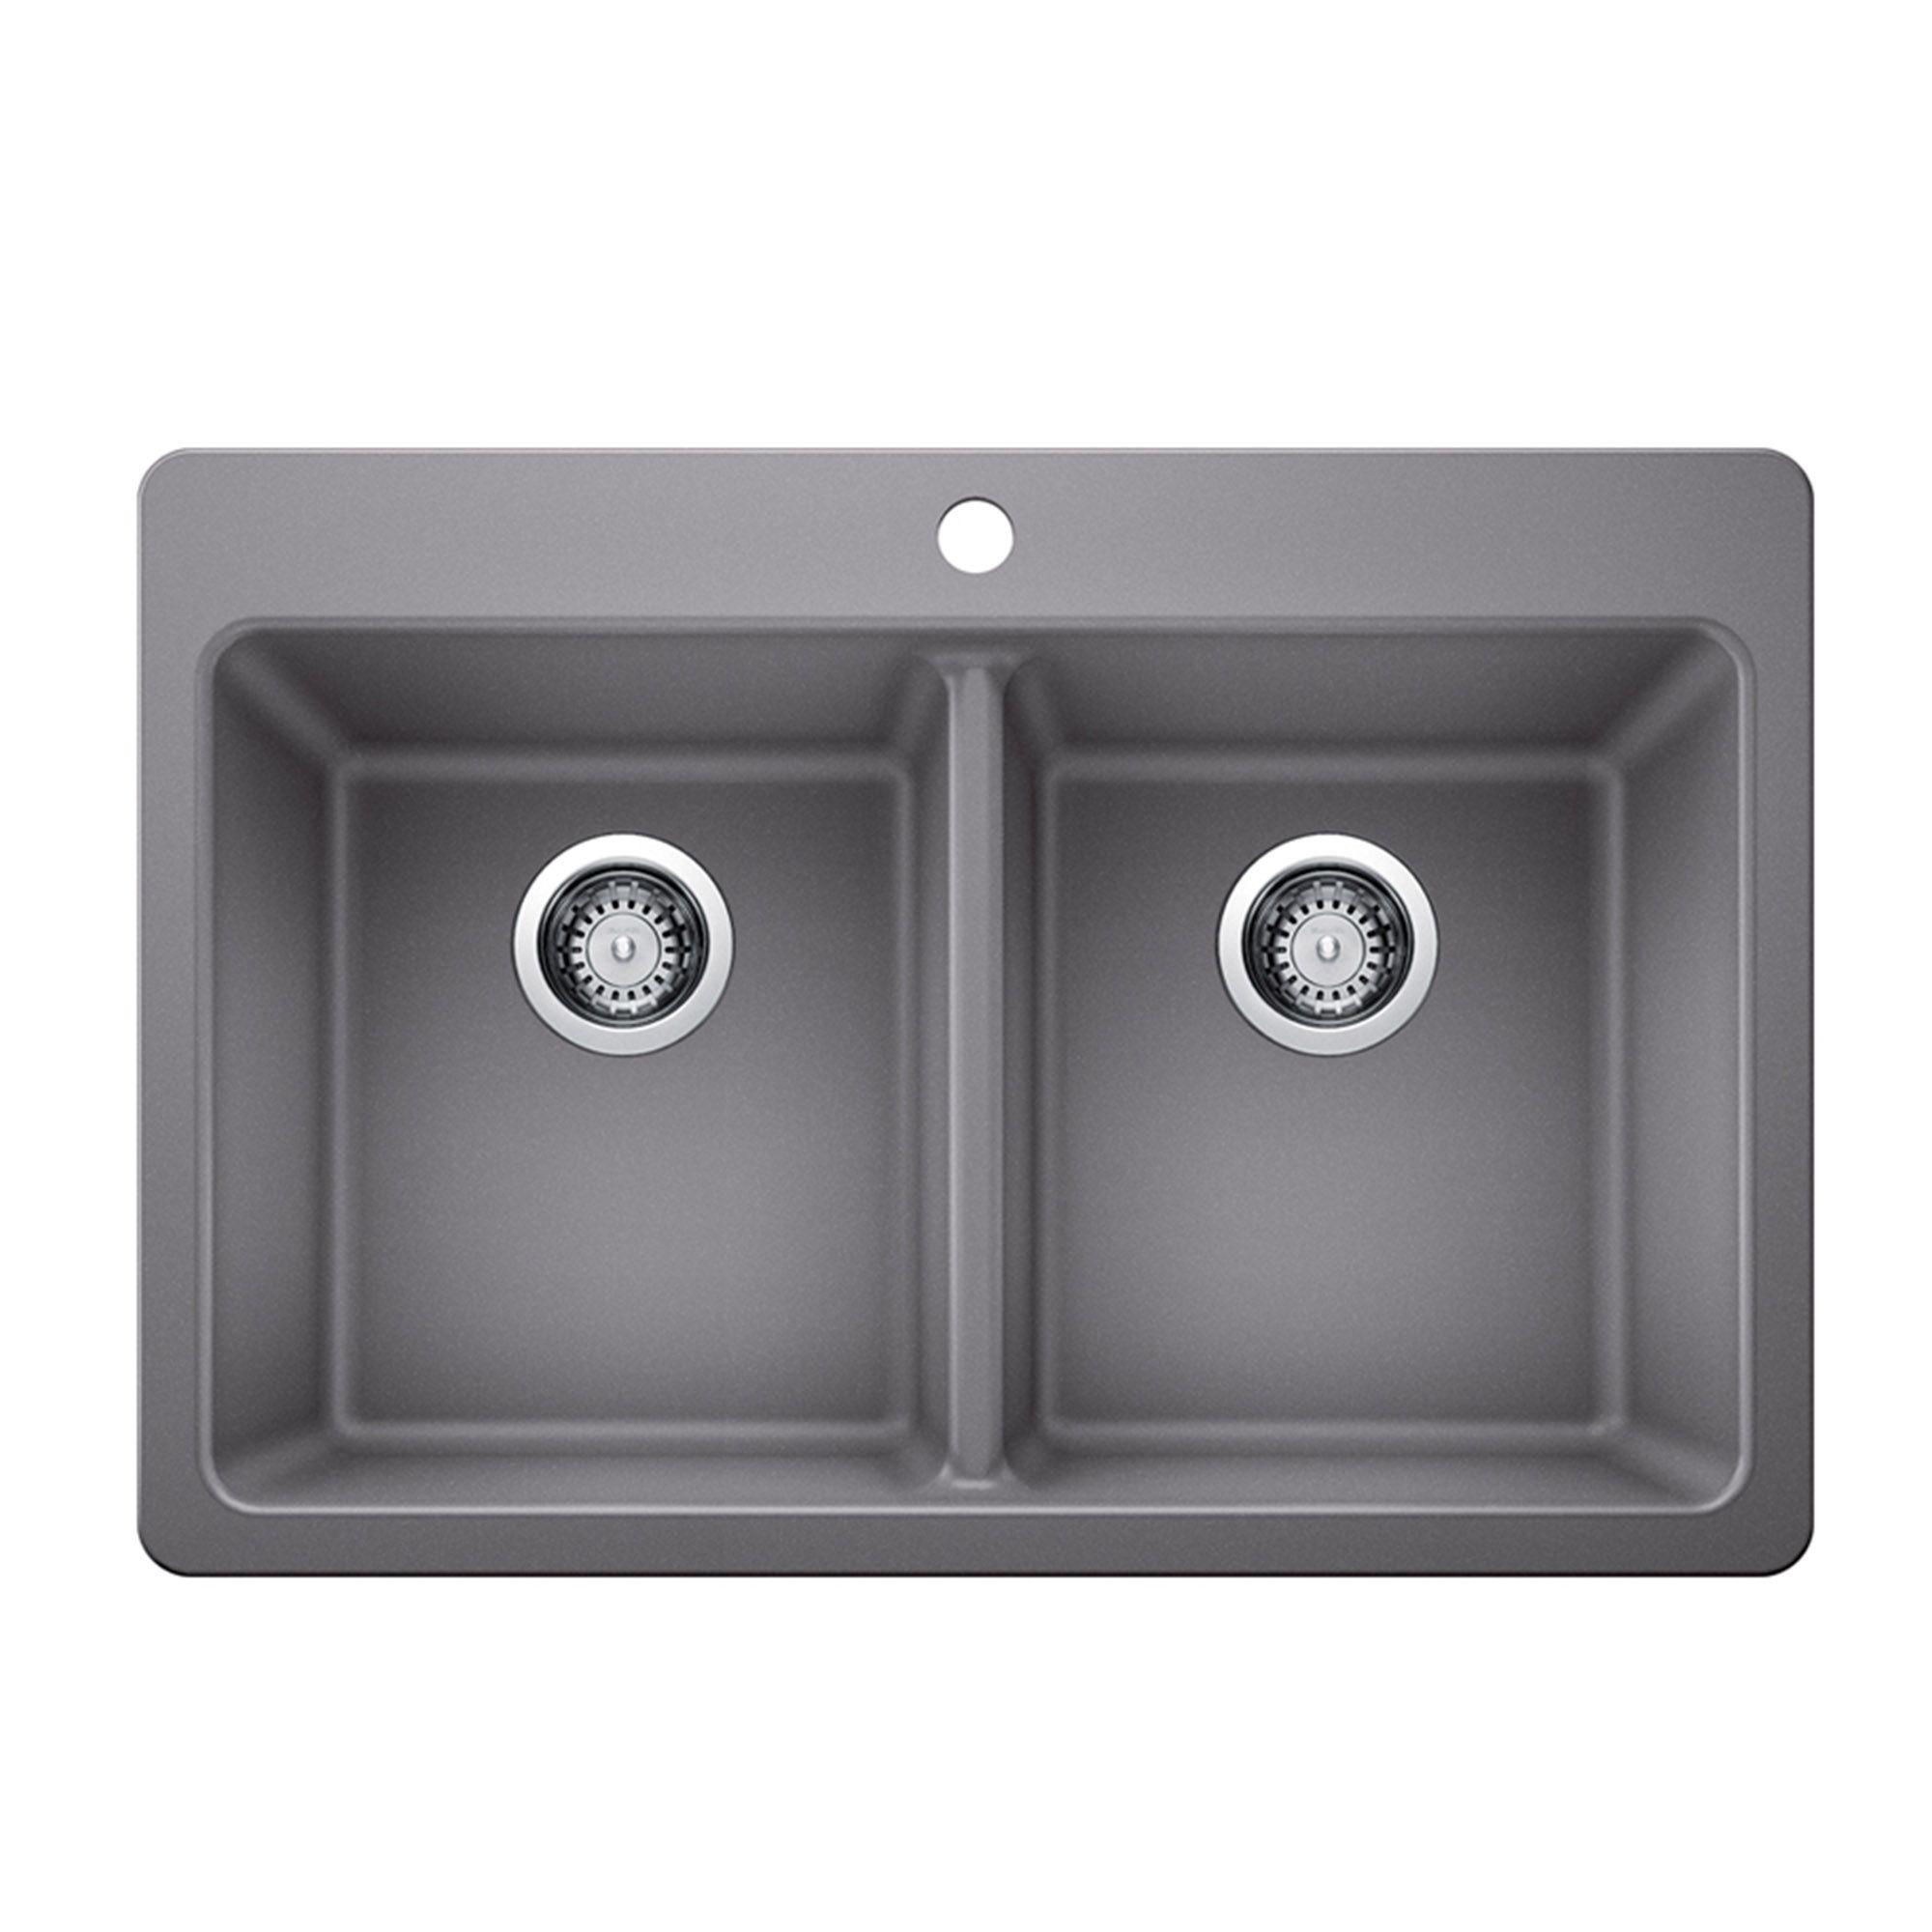 corence 2 bowl silgranit sink